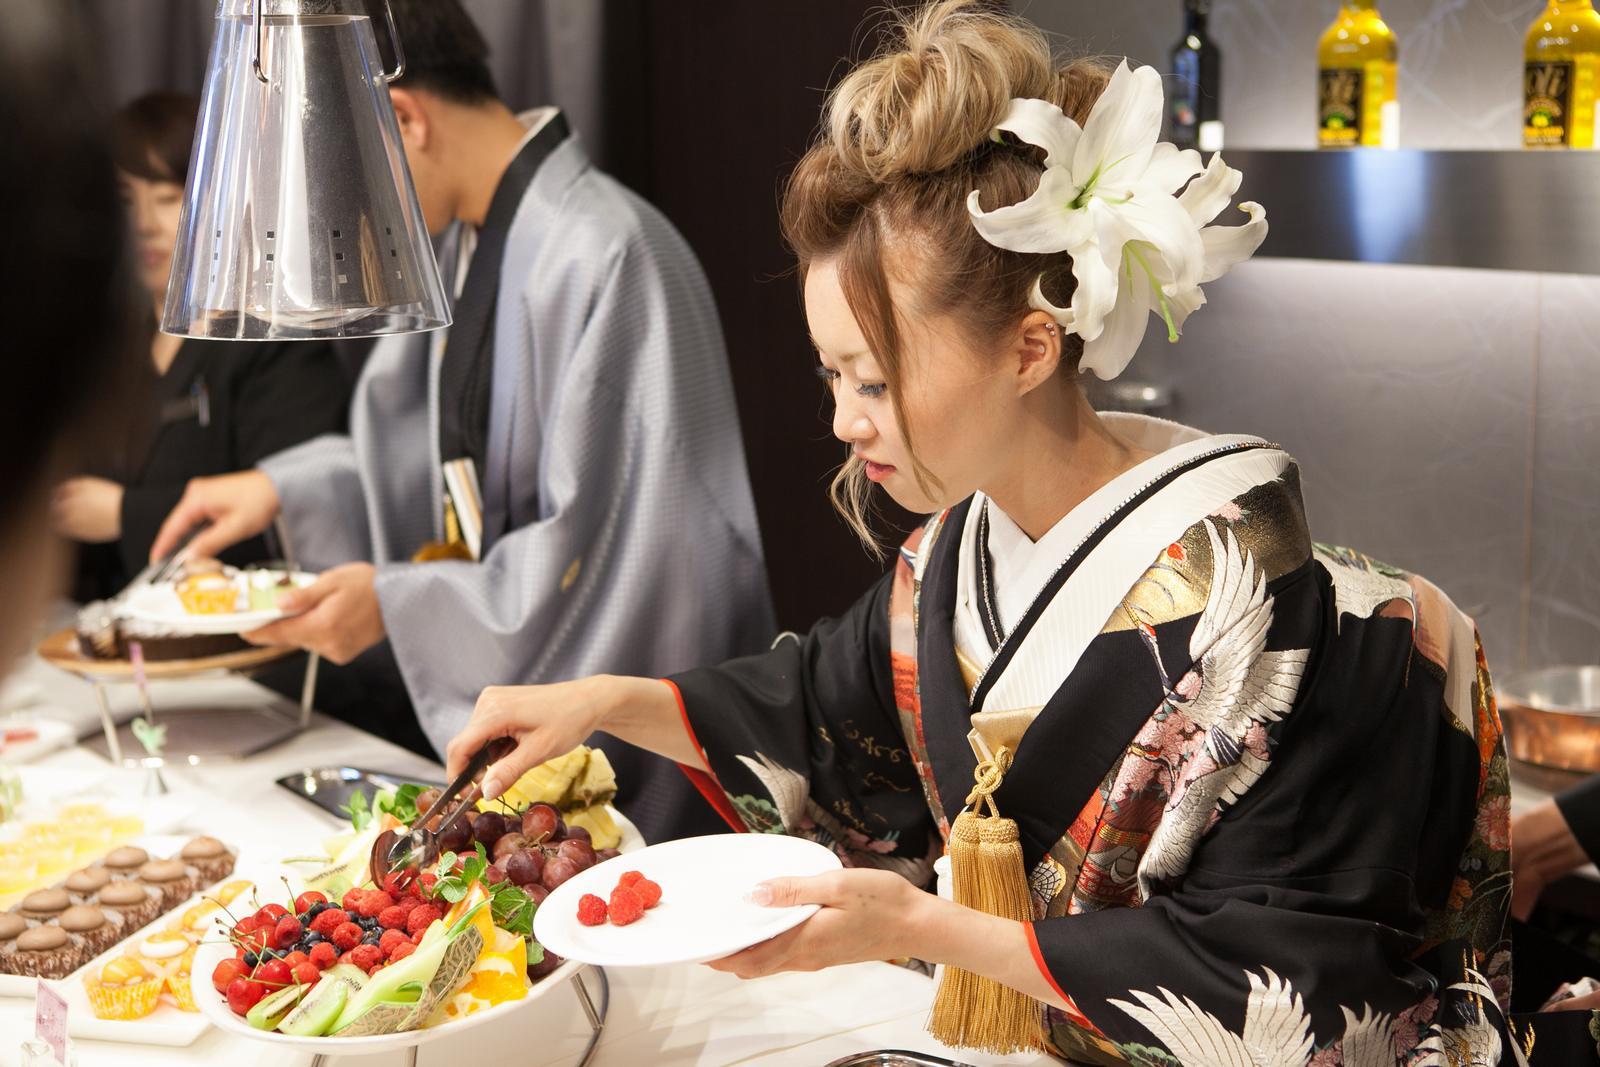 徳島市の結婚式場ブランアンジュで披露宴の一番人気デザートビュッフェを新郎新婦様からゲストへ